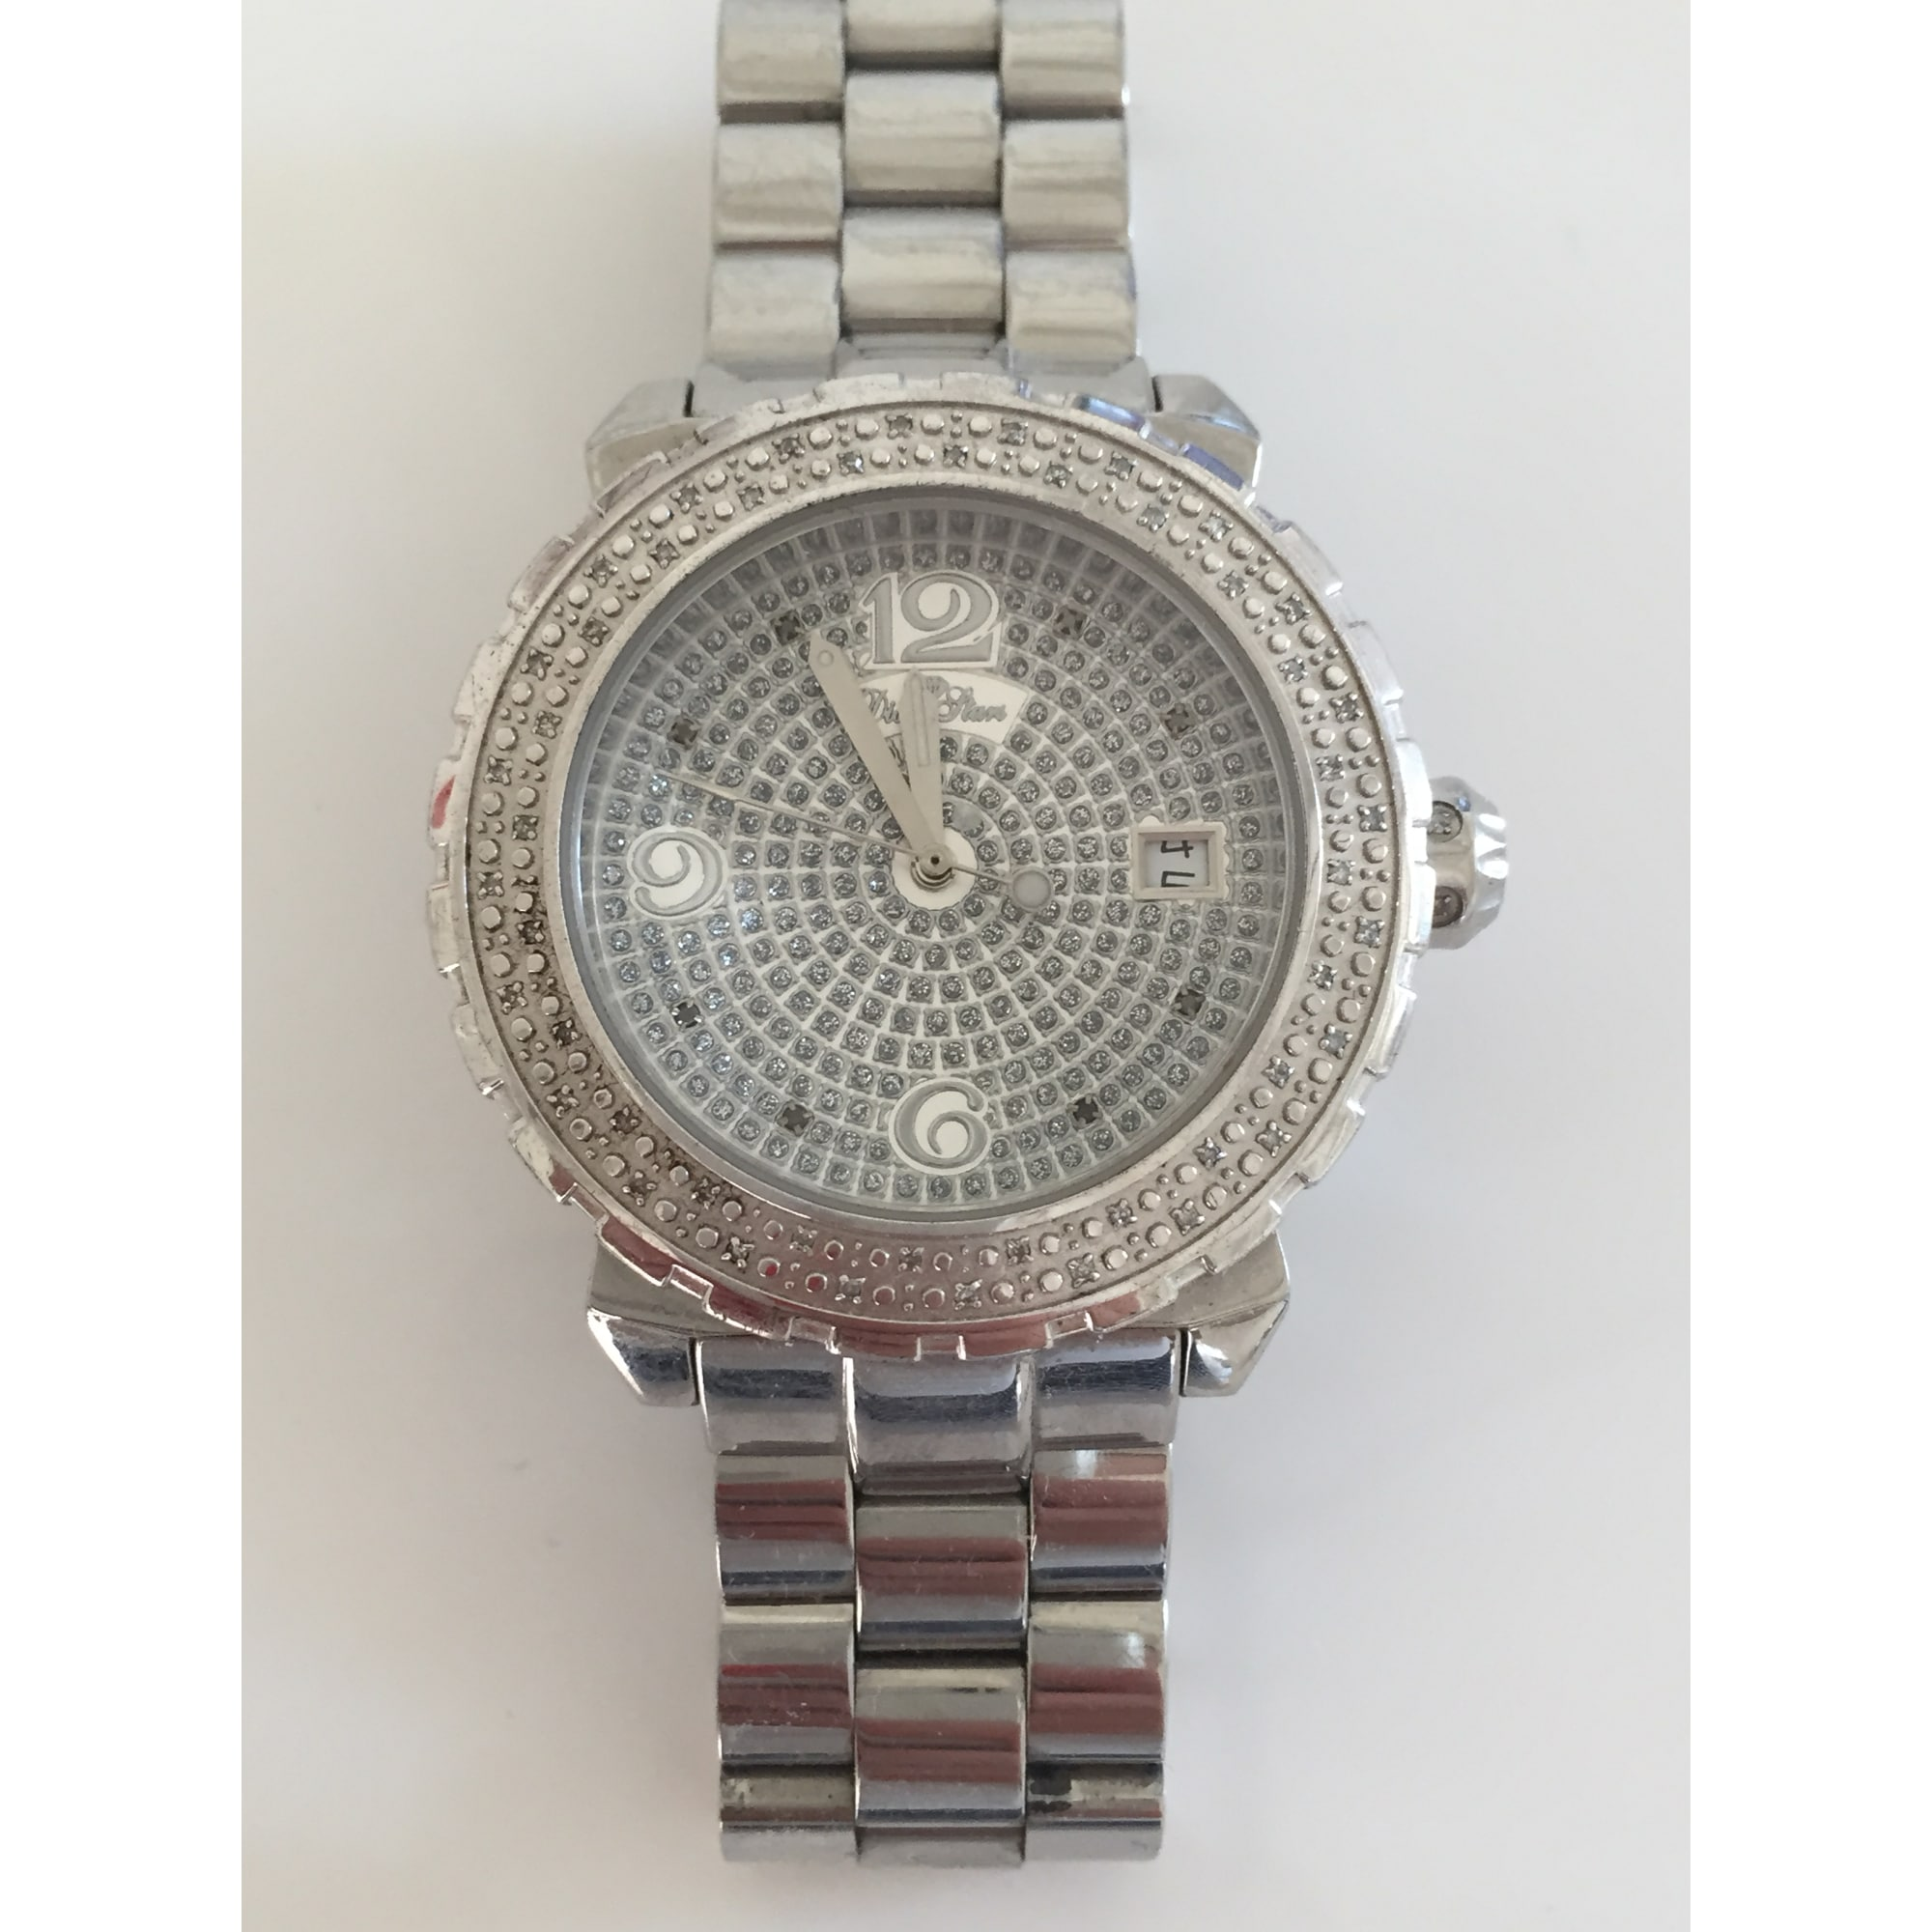 89c1722b2a Montre au poignet DIAMSTARS argenté vendu par Faustine 38540463 ...